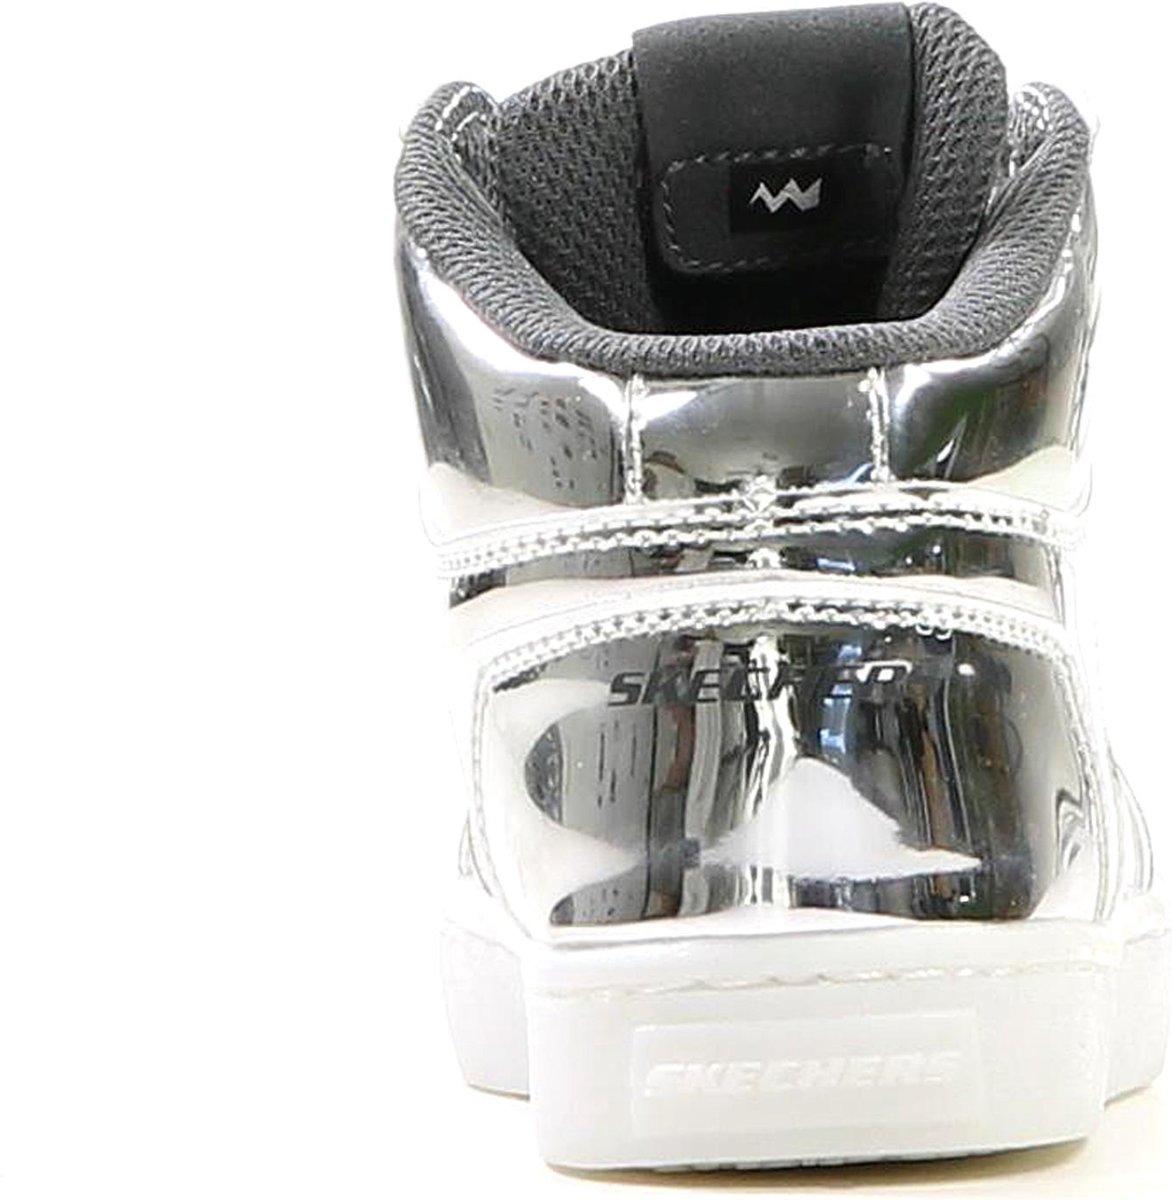 Skechers - 90603l - Sneaker Habillé - Filles - Taille 38 - Argent - Slvr JRjeu